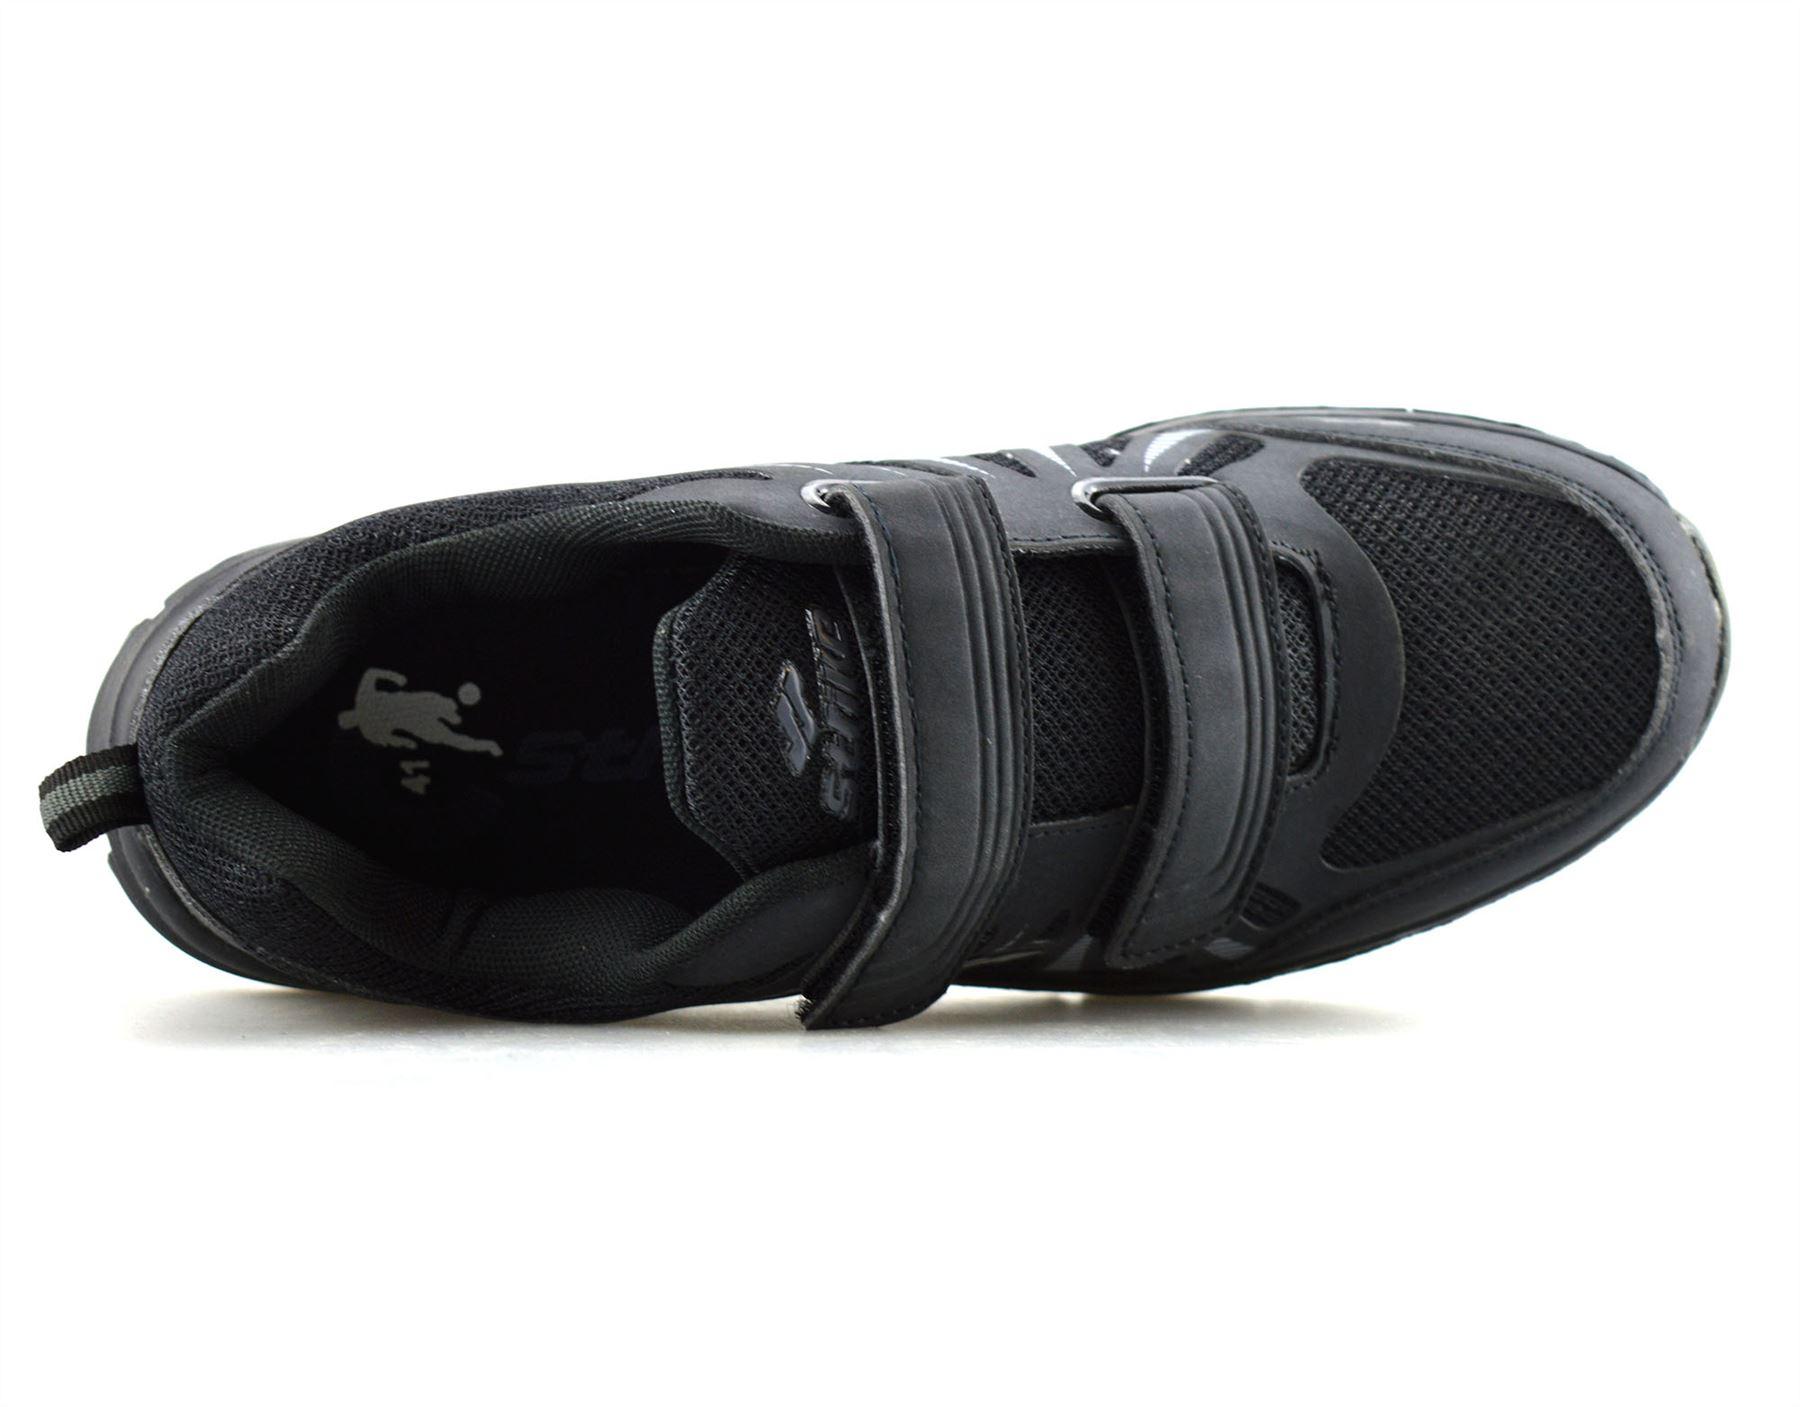 Hombre-Nuevo-Casual-Tactil-Correa-Pasear-Running-Gimnasio-Deportes-Ninos-Zapatillas-Zapatos-Talla miniatura 14